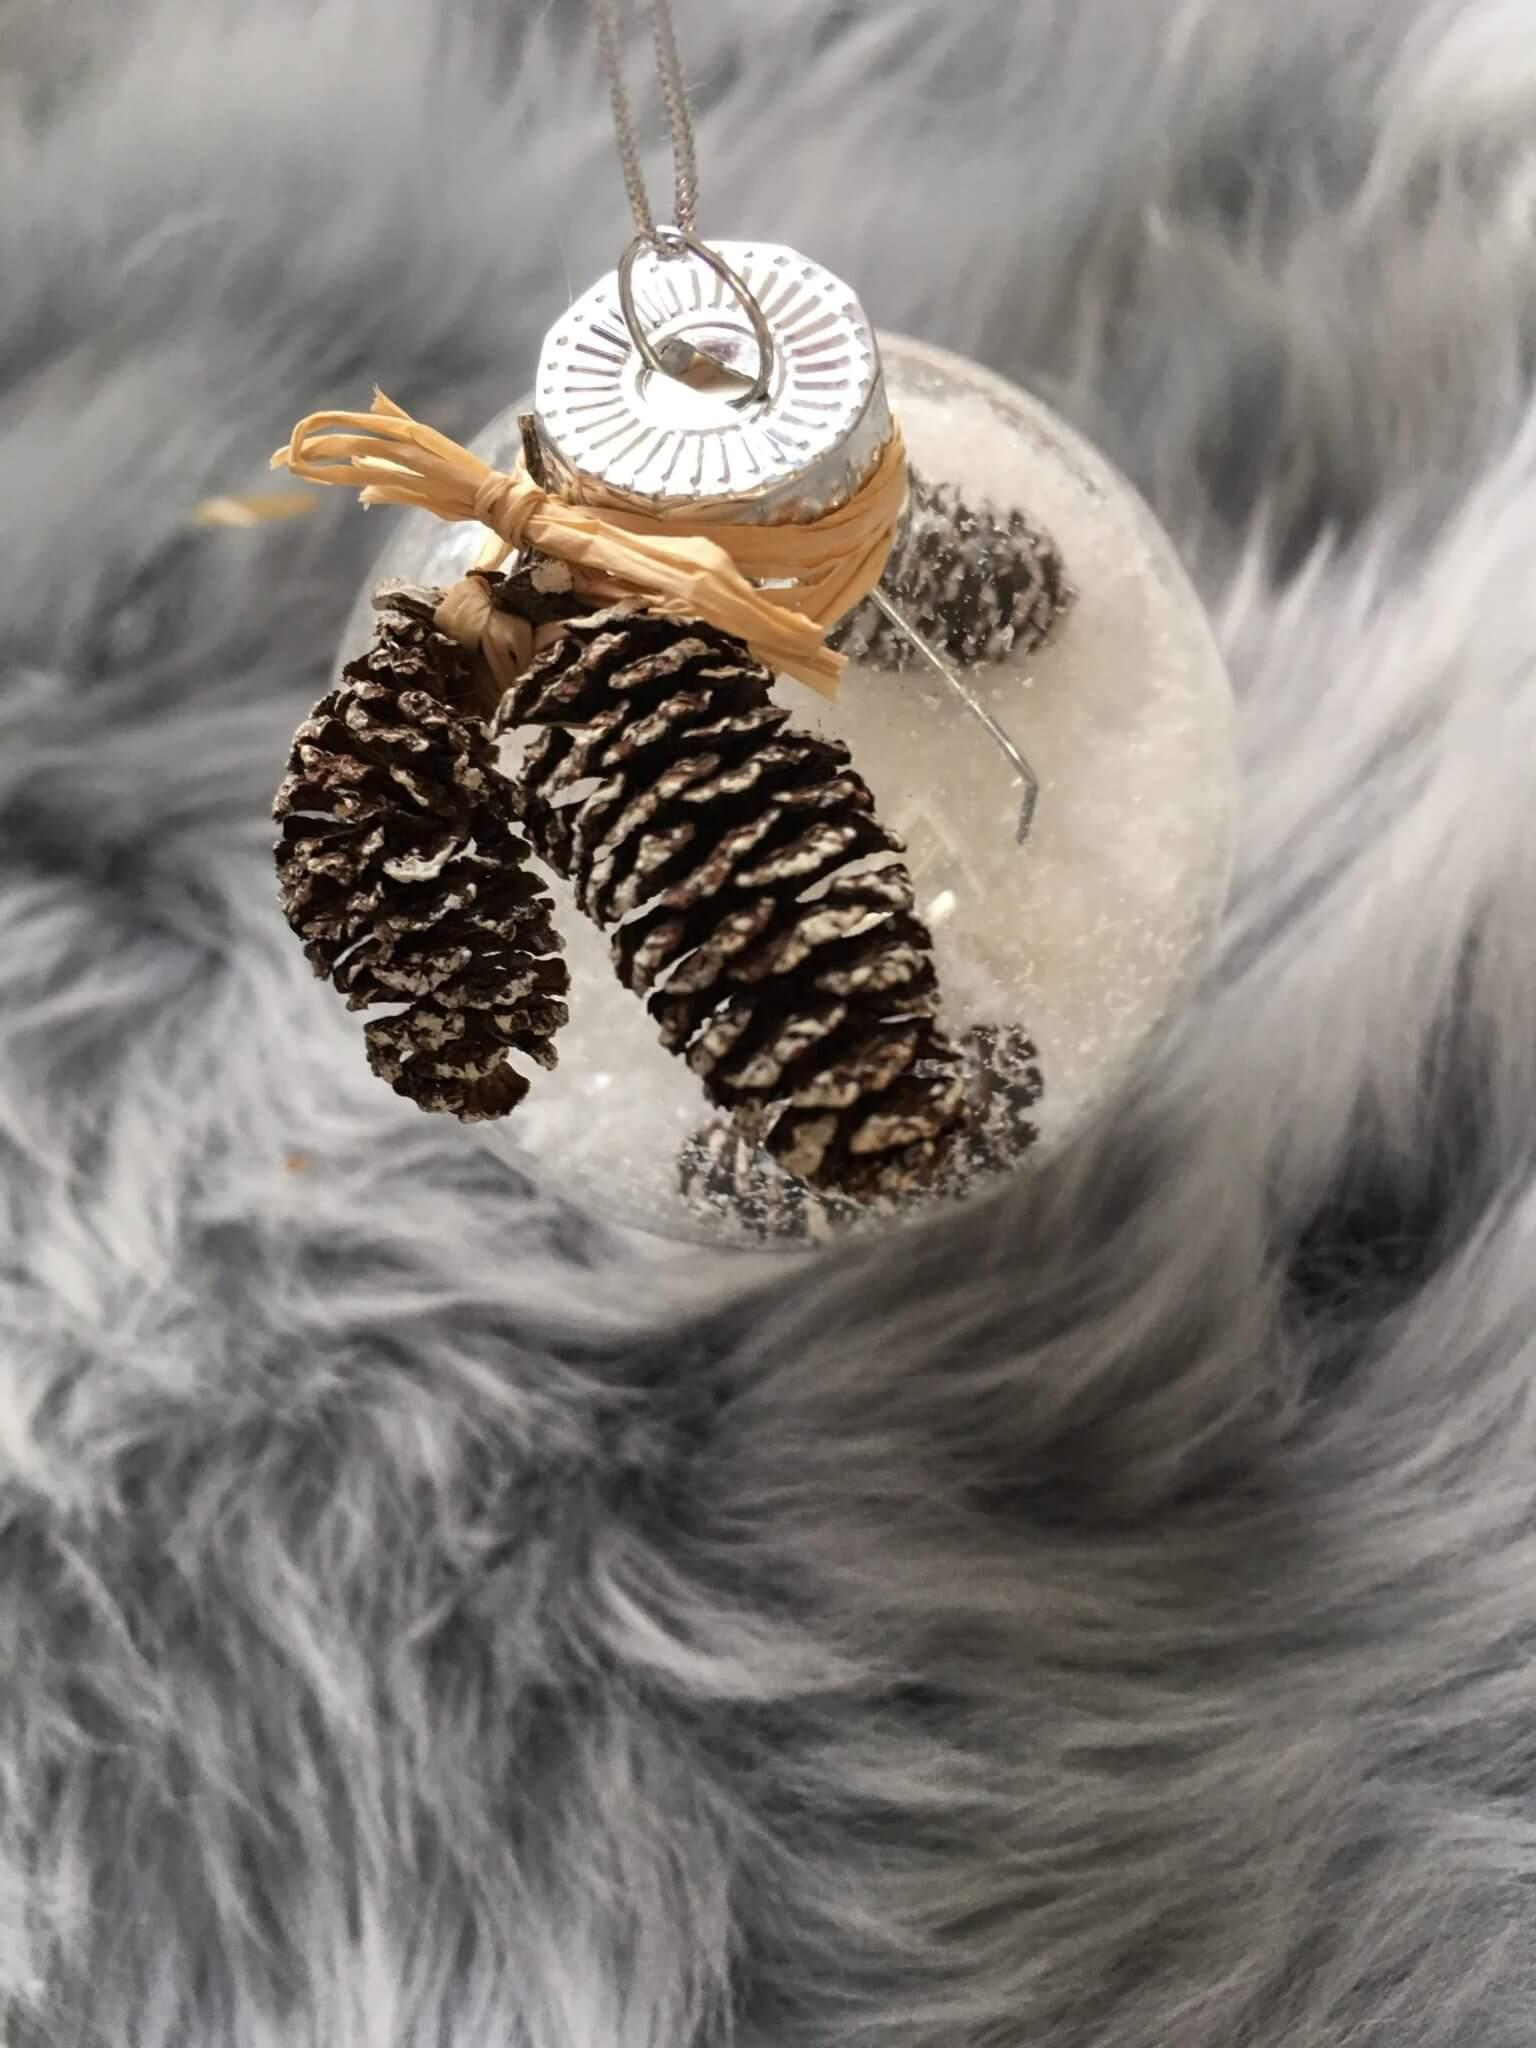 IMG 2344 e1541100005729 - Je čas na ozdoby a dekorácie - lebo Vianoce